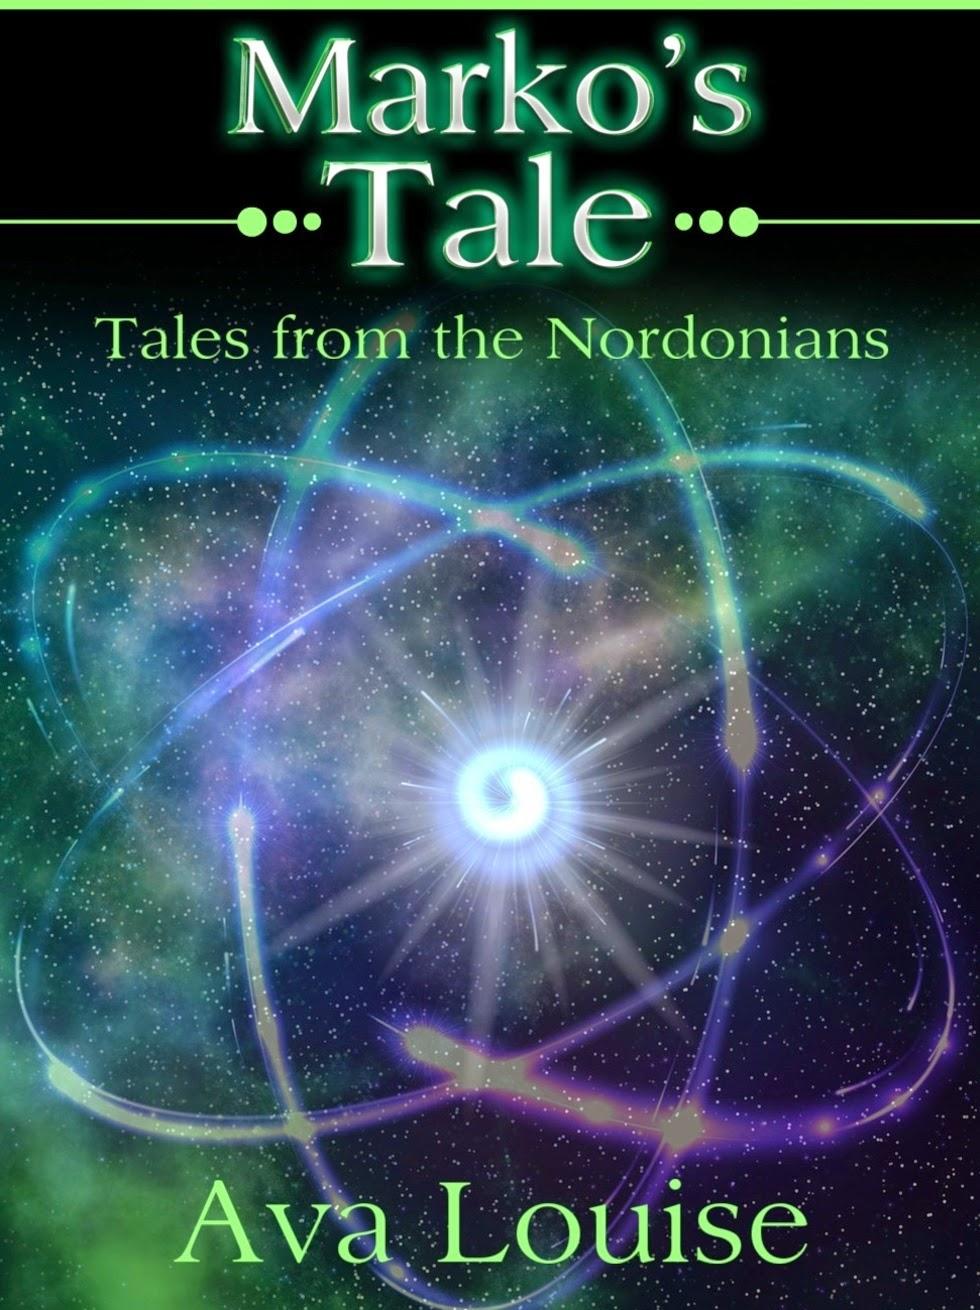 http://www.amazon.com/Markos-Tale-Tales-Nordonians-Book-ebook/dp/B00UR6V2TA/ref=sr_1_1?ie=UTF8&qid=1427492232&sr=8-1&keywords=Marko%27s+tale